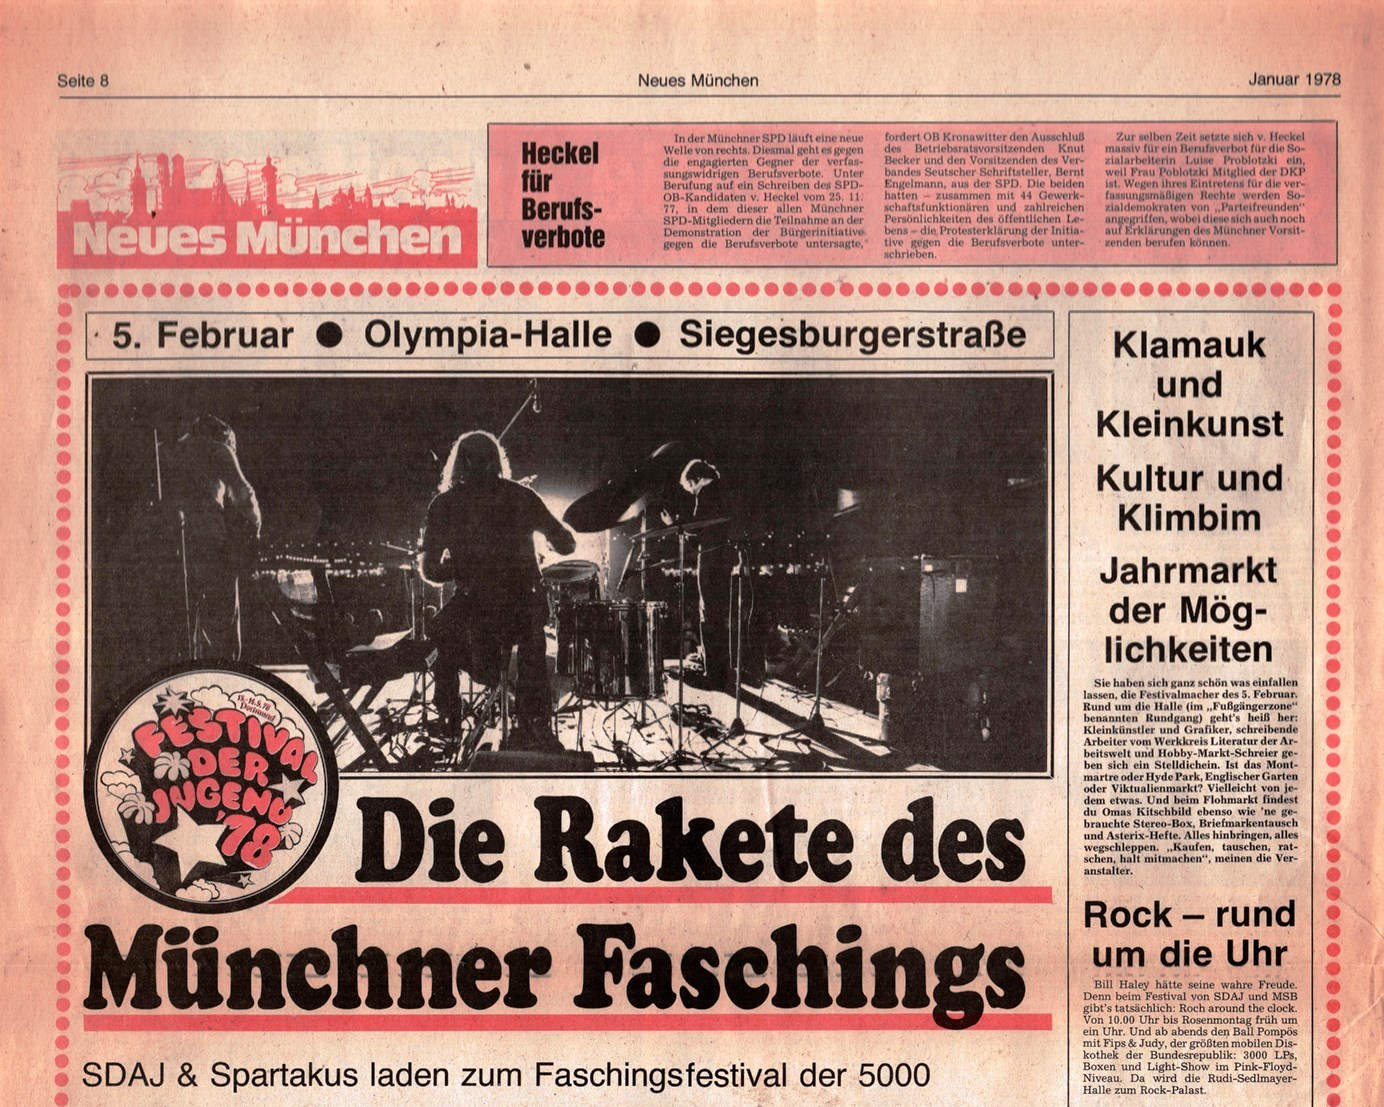 Muenchen_DKP_Neues_Muenchen_19780100_001_015